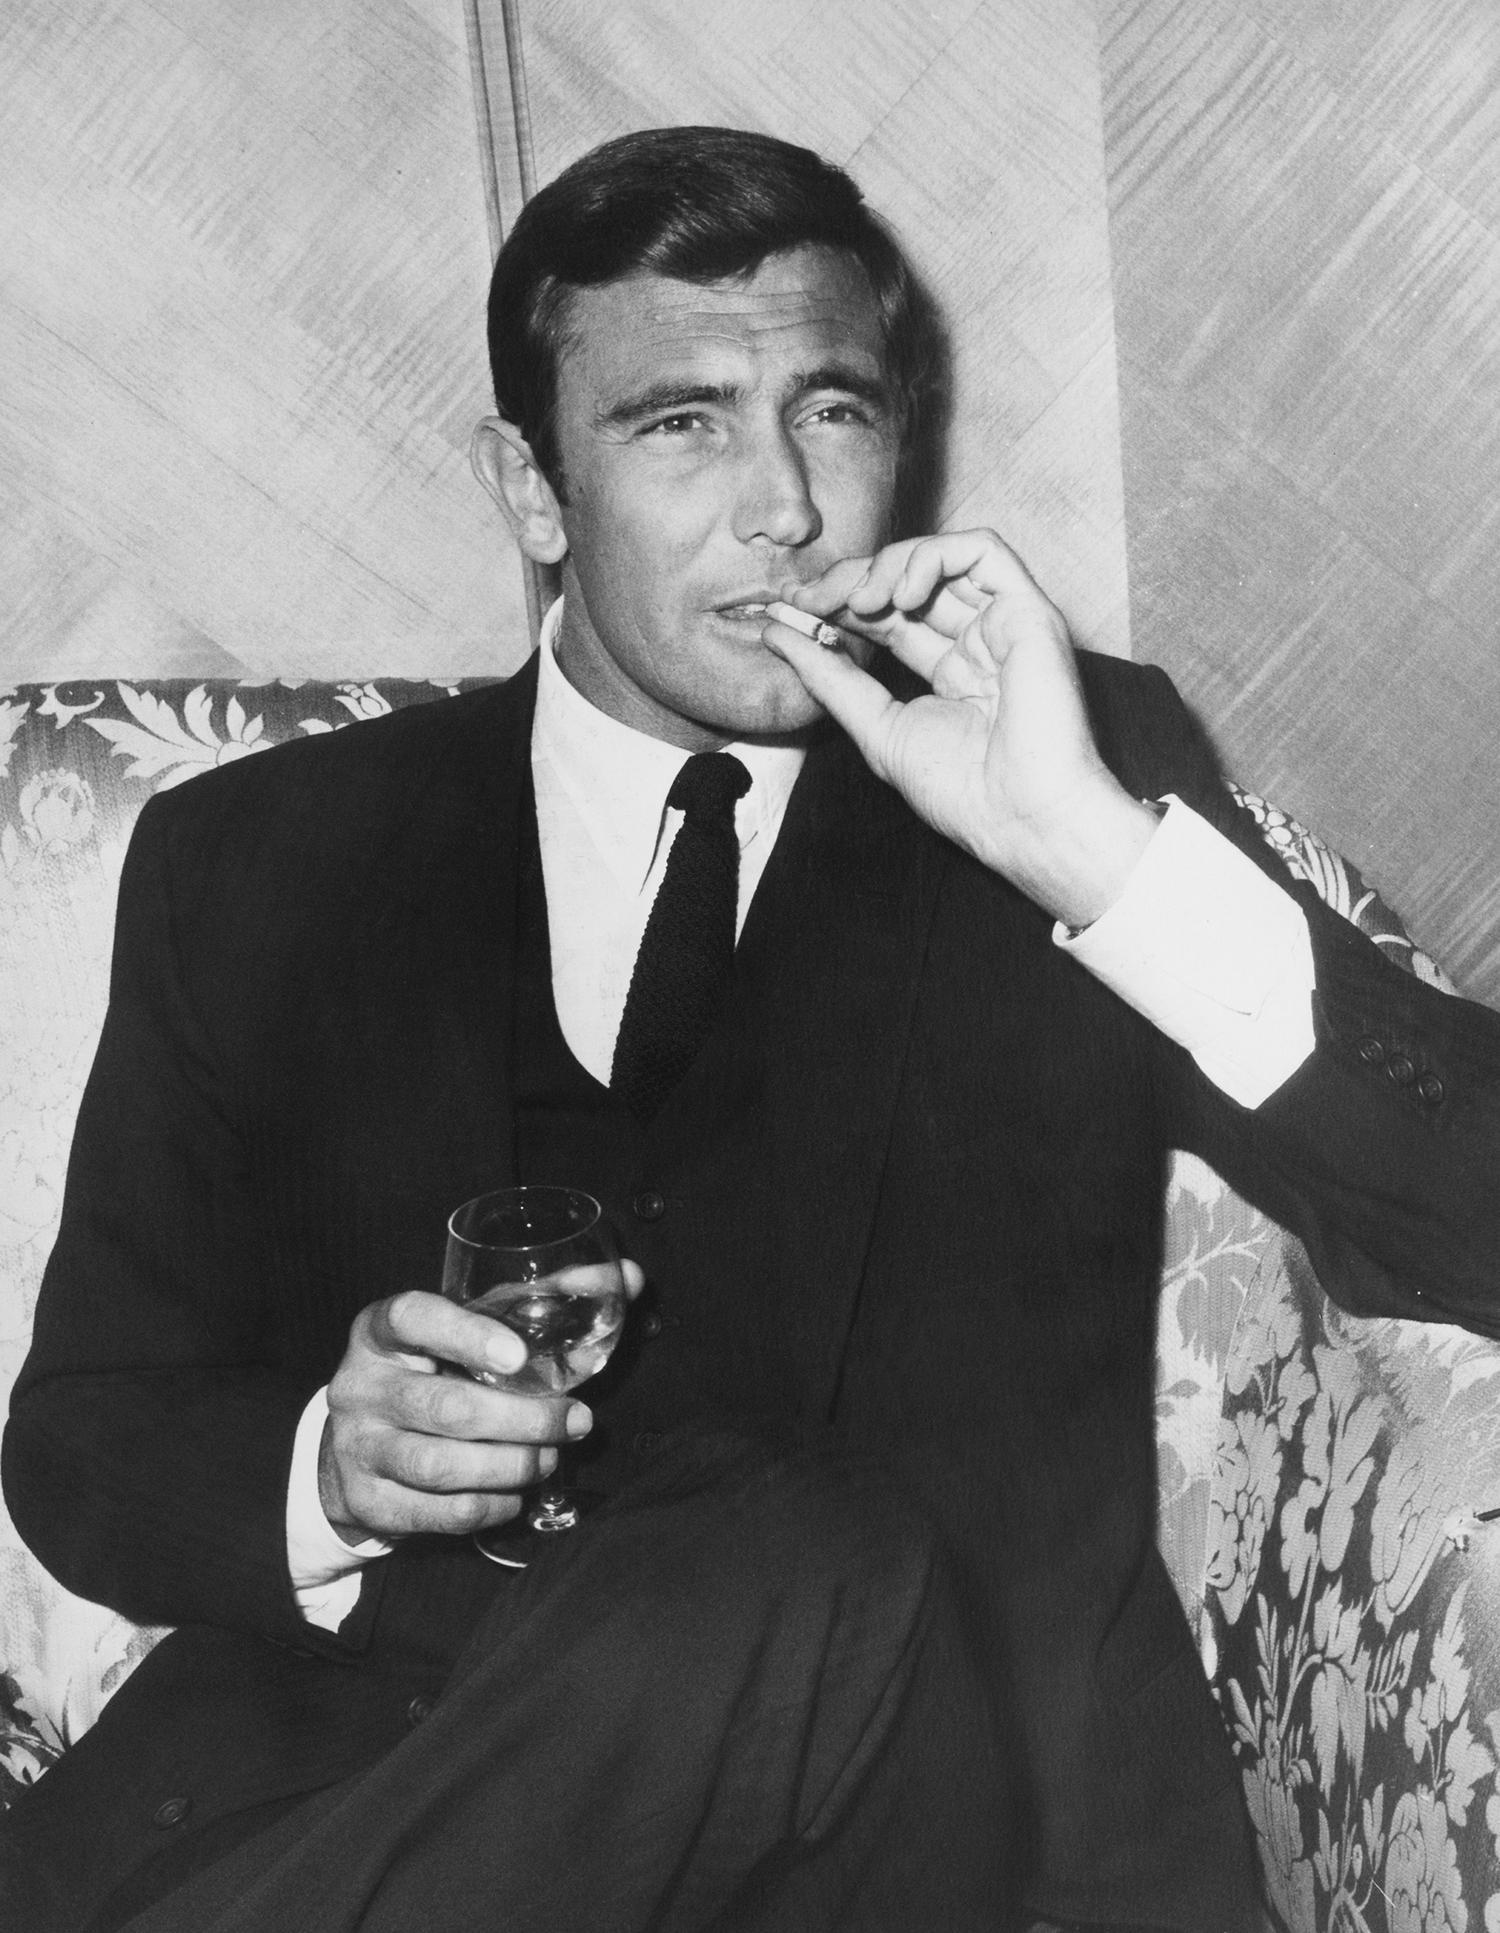 """АктьорътДжордж Лейзънби  на прием в хотел """"Дорчестър"""" в Лондон, за да представи предстоящата си роля на Джеймс Бонд във филма """"Тайната служба на нейно величество"""", 1968 г."""